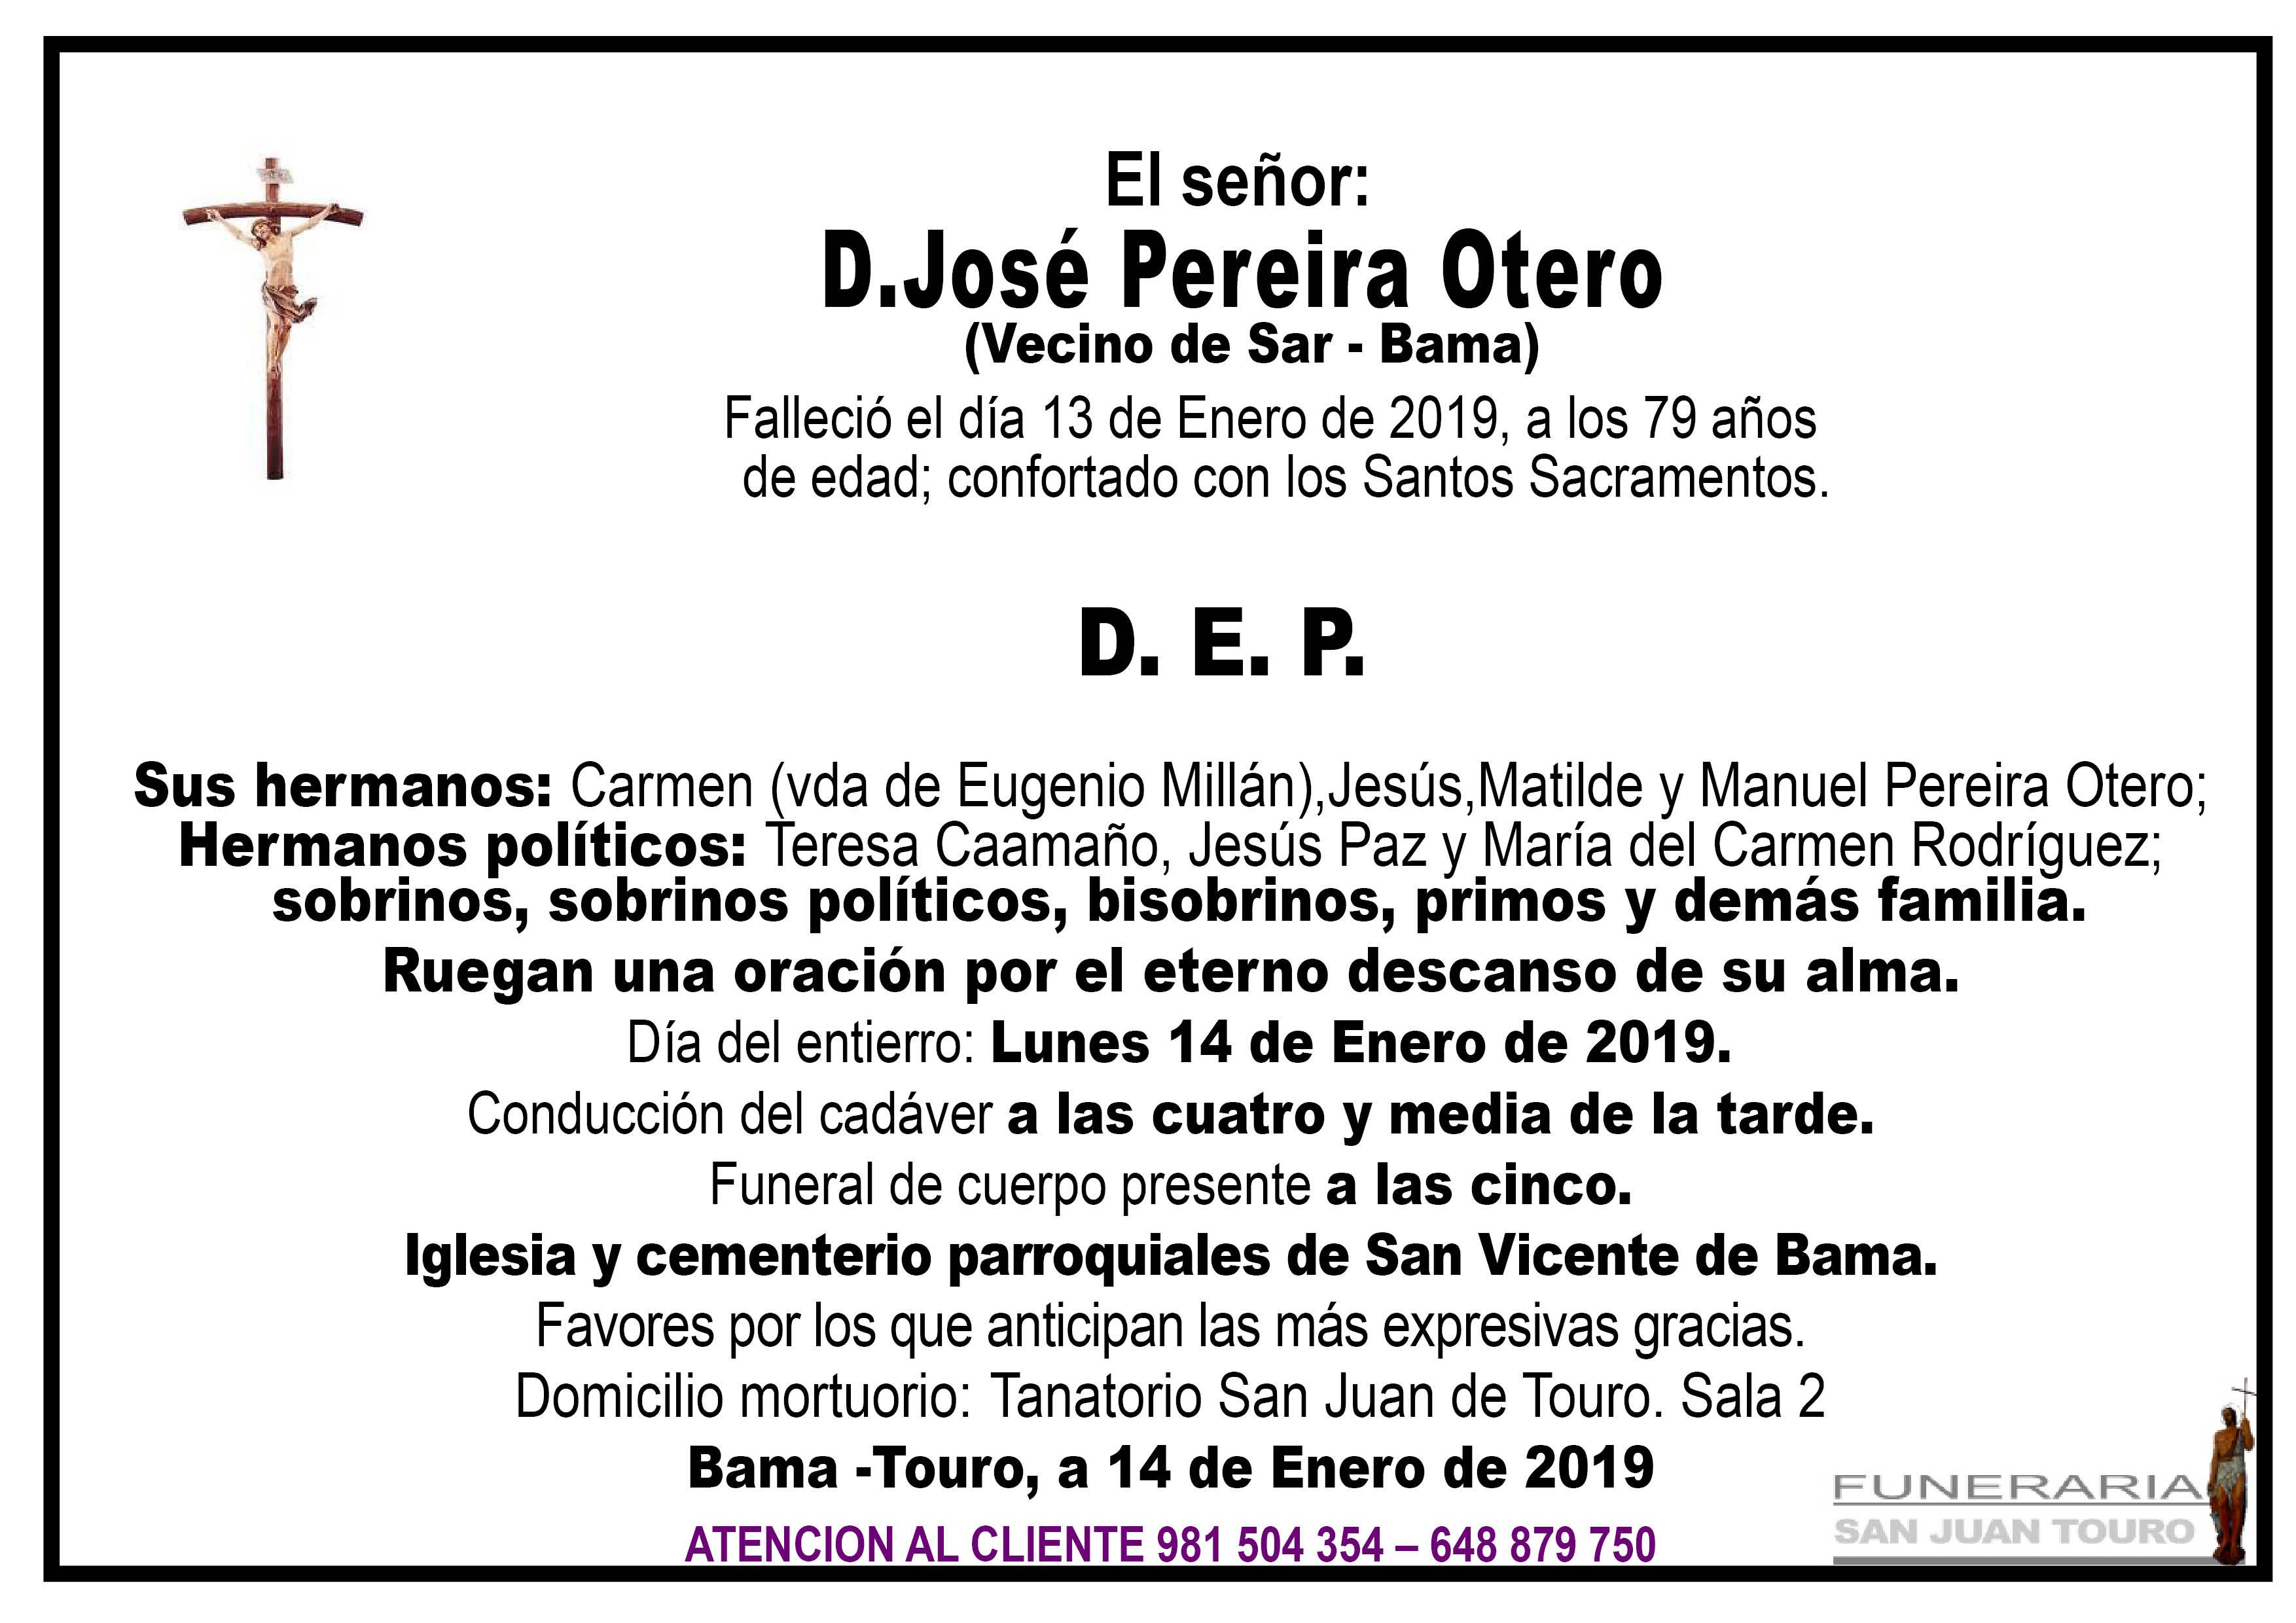 Esquela de SEPELIO DE DON JOSÉ PEREIRA OTERO